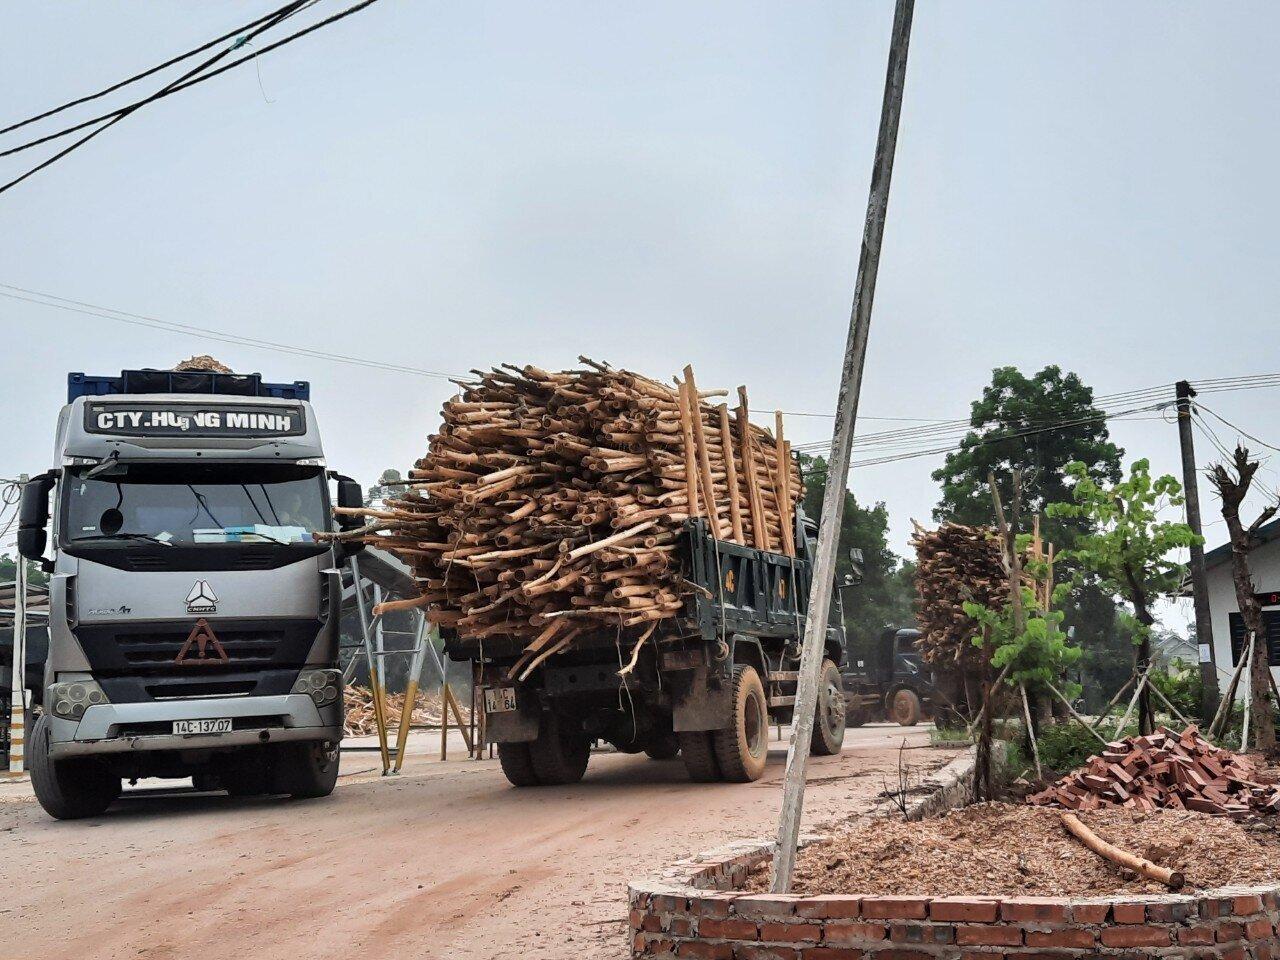 Theo ghi nhận của PV Báo Giao thông, thời gian gần đây, mặc dù lực lượng chức năng của tỉnh Quảng Ninh vẫn kiểm tra, xử lý, nhưng các xe quá khổ, nghi chở quá tải vẫn xuất hiện trên nhiều tuyến đường, từ các tuyến đường huyện, tỉnh đến quốc lộ và thậm chí cao tốc. Ảnh: Hàng loạt xe chở keo chất cao ngất, cồng kềnh trên tuyến QL18C thuộc địa bàn huyện Hải Hà, tỉnh Quảng Ninh.